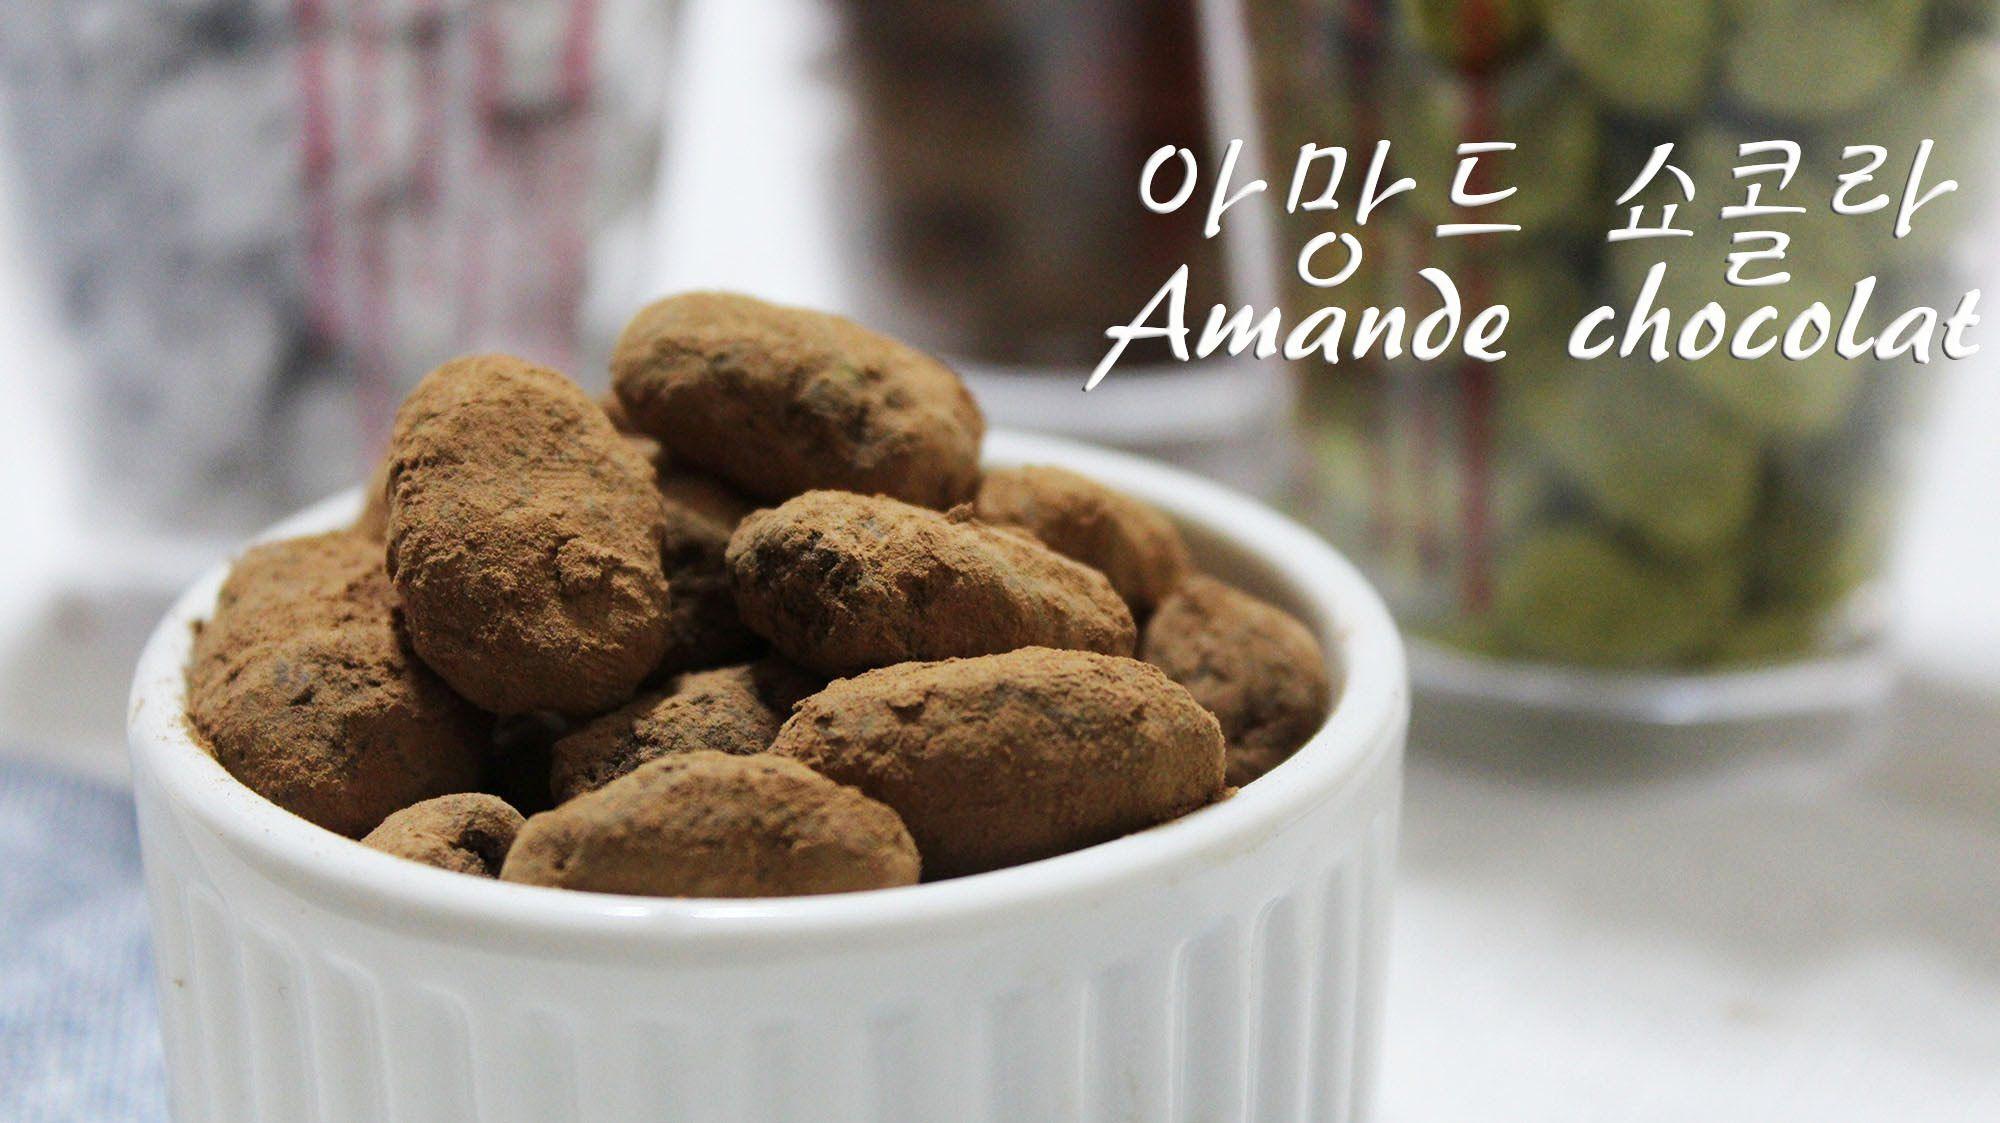 아망드 쇼콜라.Amande chocolat. 아몬드봉봉. 발렌타인초콜렛. 초콜렛레시피